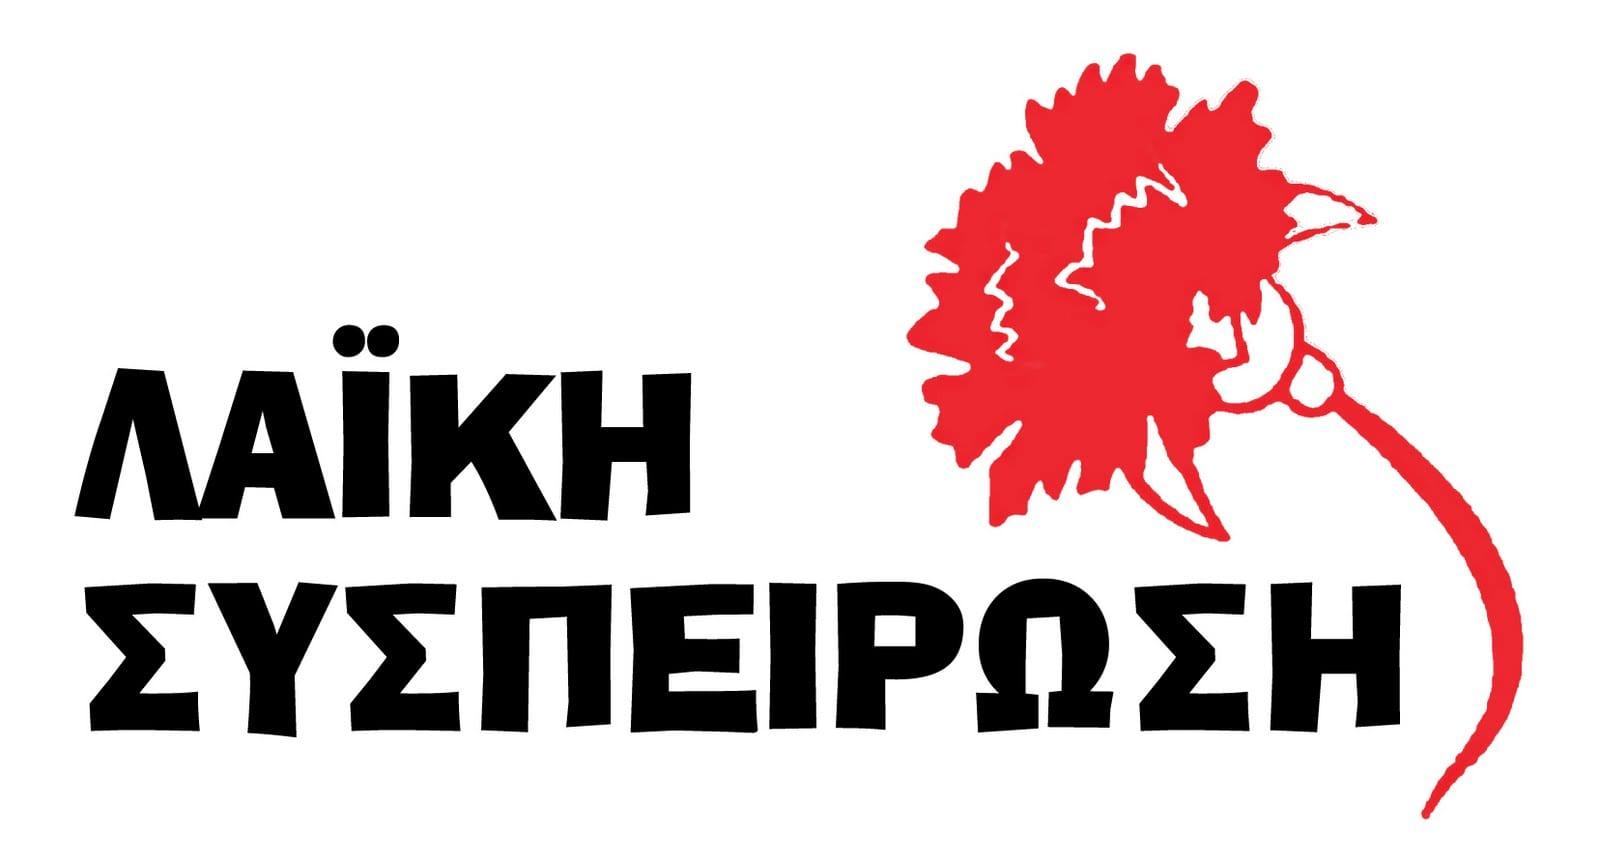 laikisyspeirosi_17